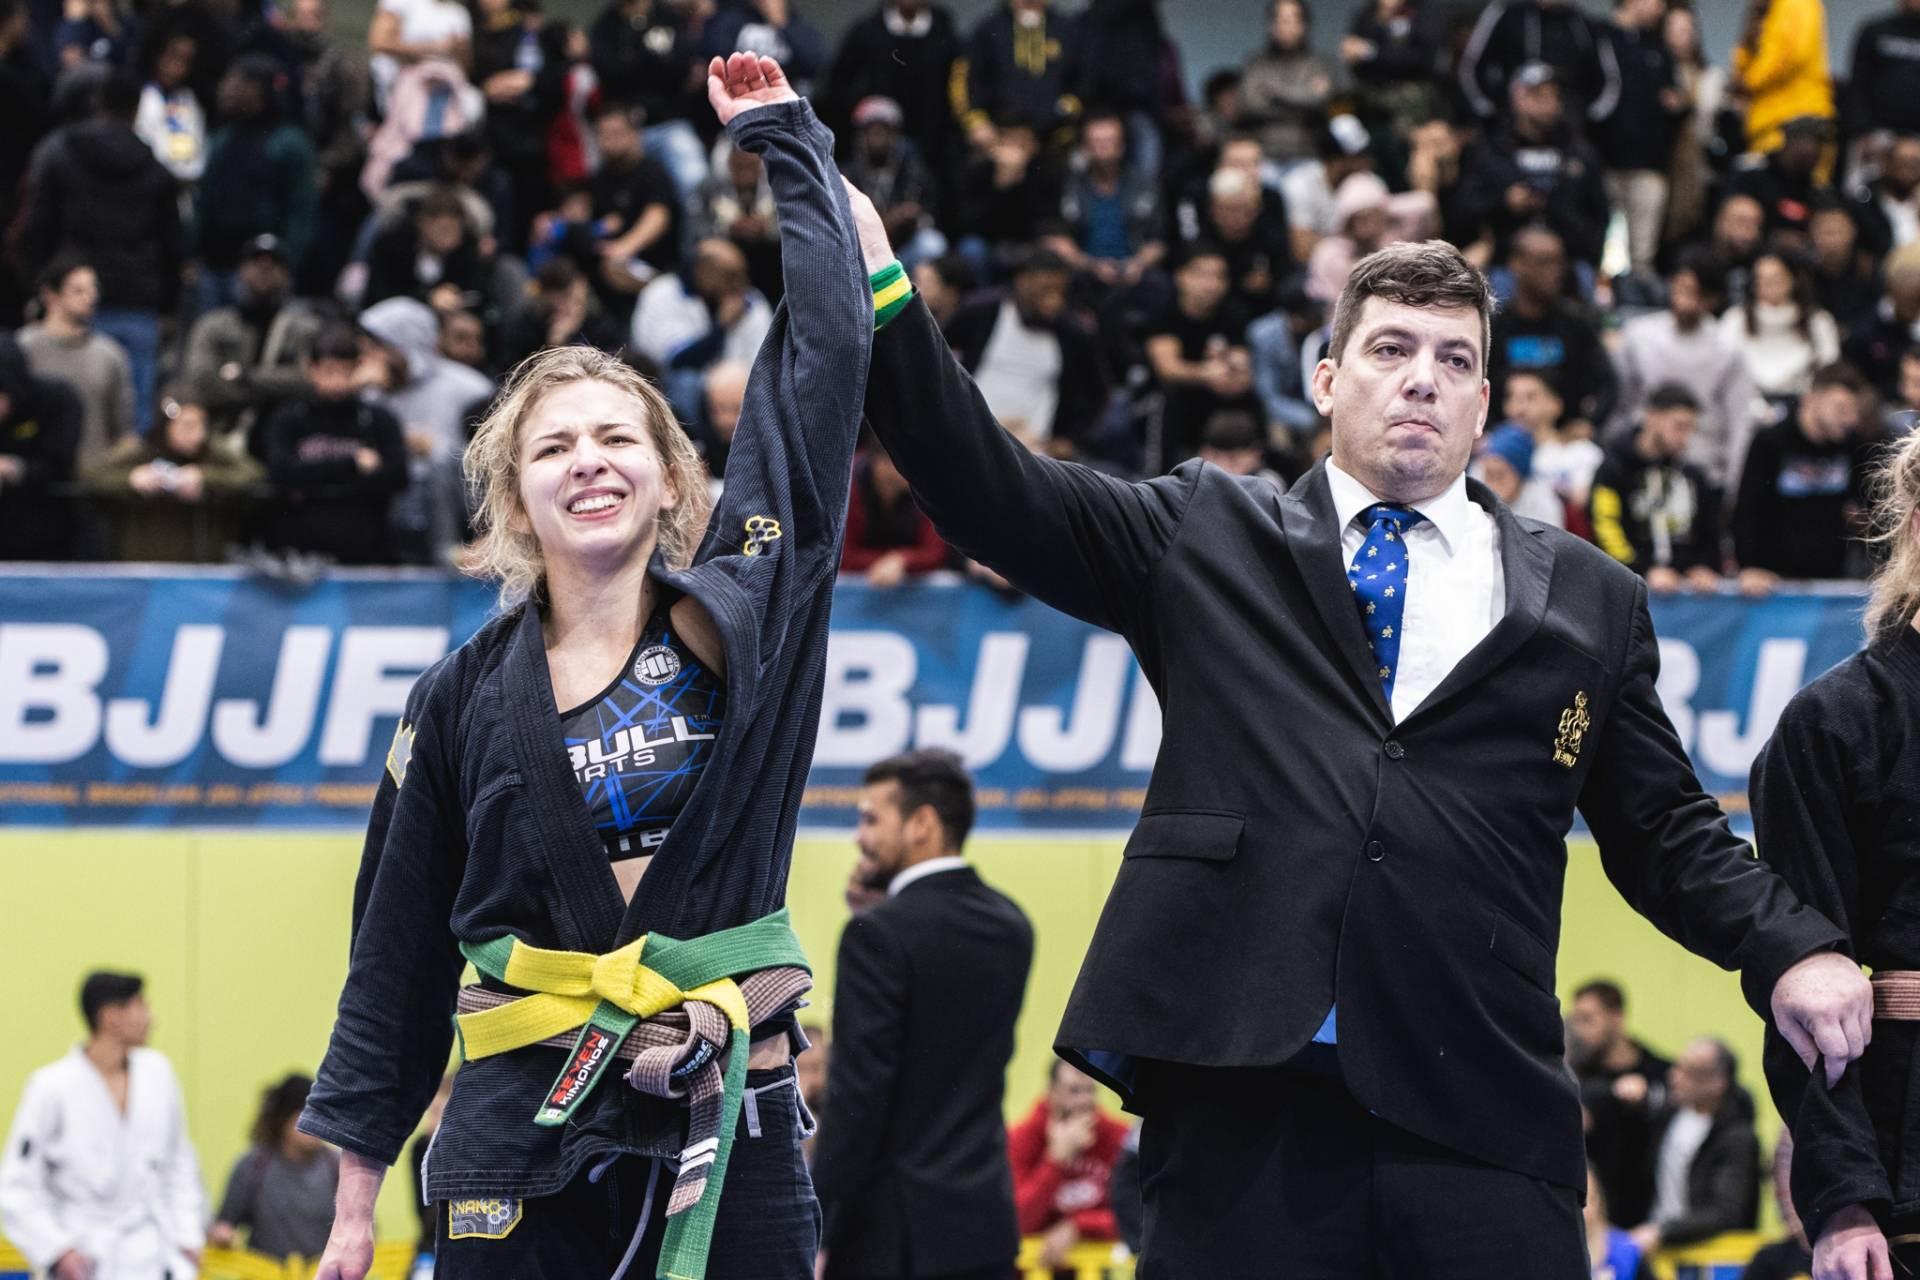 Zofia Szawernowska, mistrzyni świata w grappingu, stoi na arenie, sędzia podnosi jej rękę, by ogłosić, że wygrała zawody.